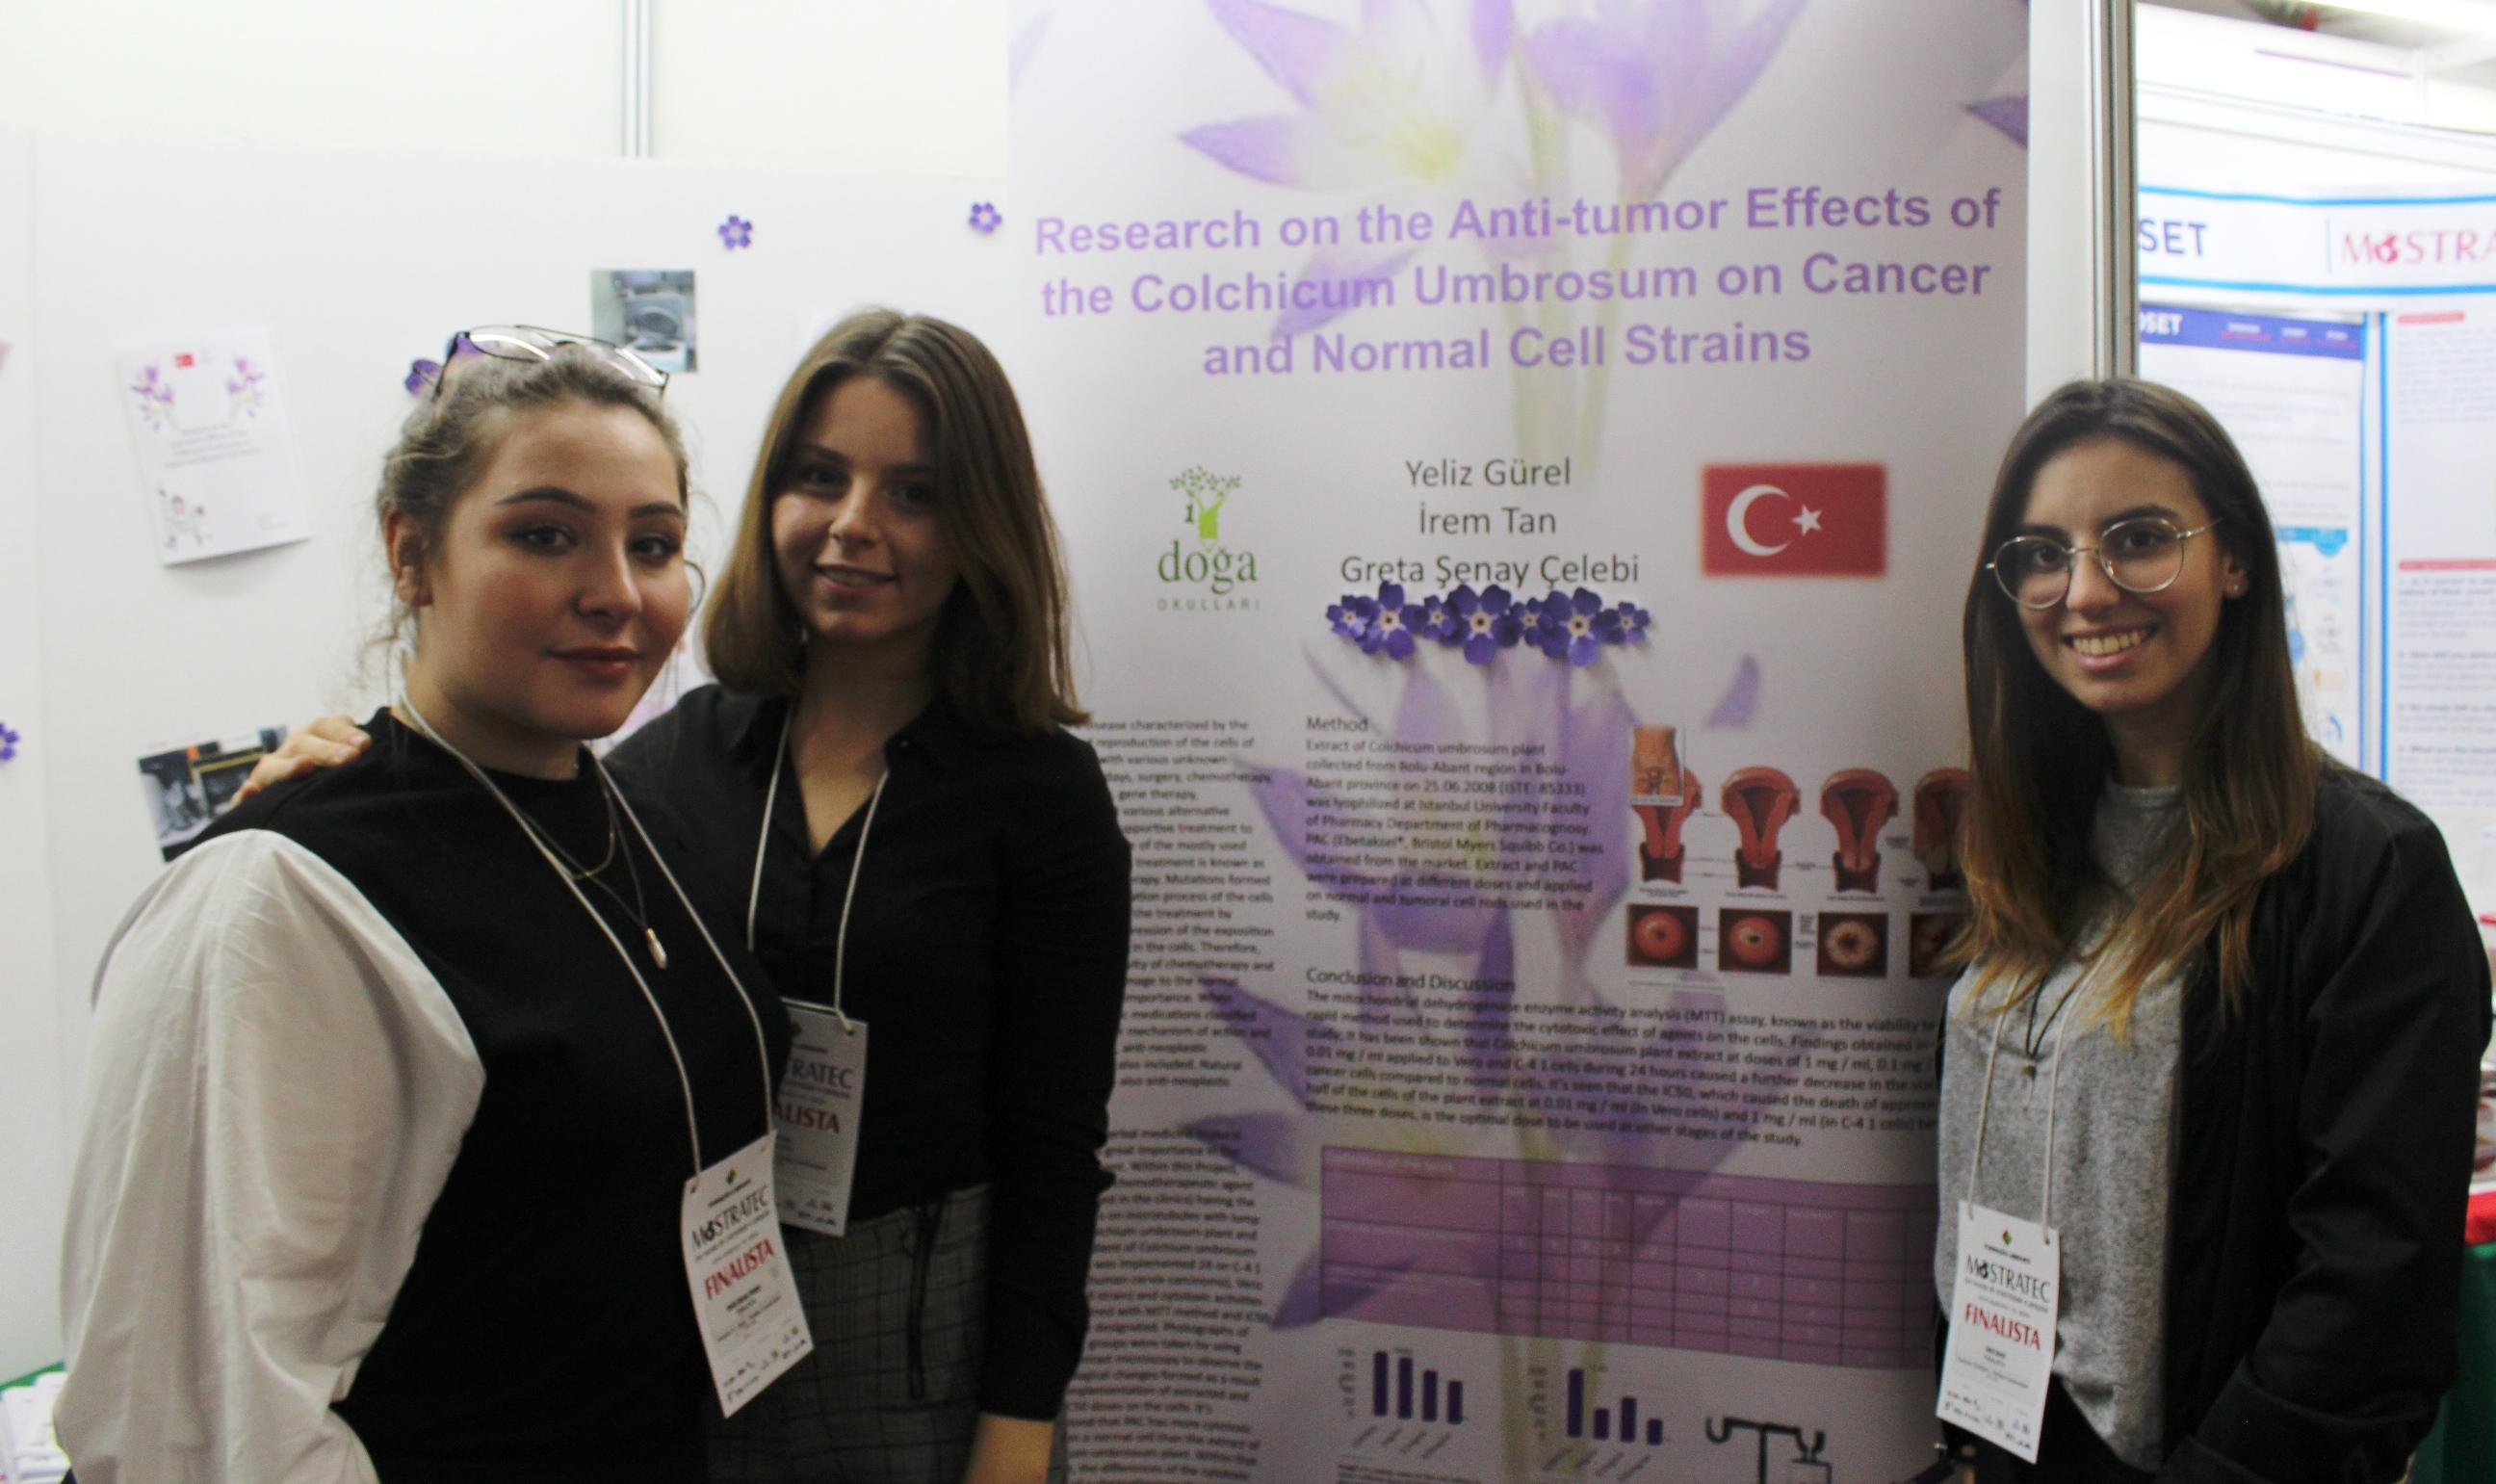 Três estudantes turcas desenvolvem pesquisa sobre tratamento ao câncer e apresentam na Mostratec